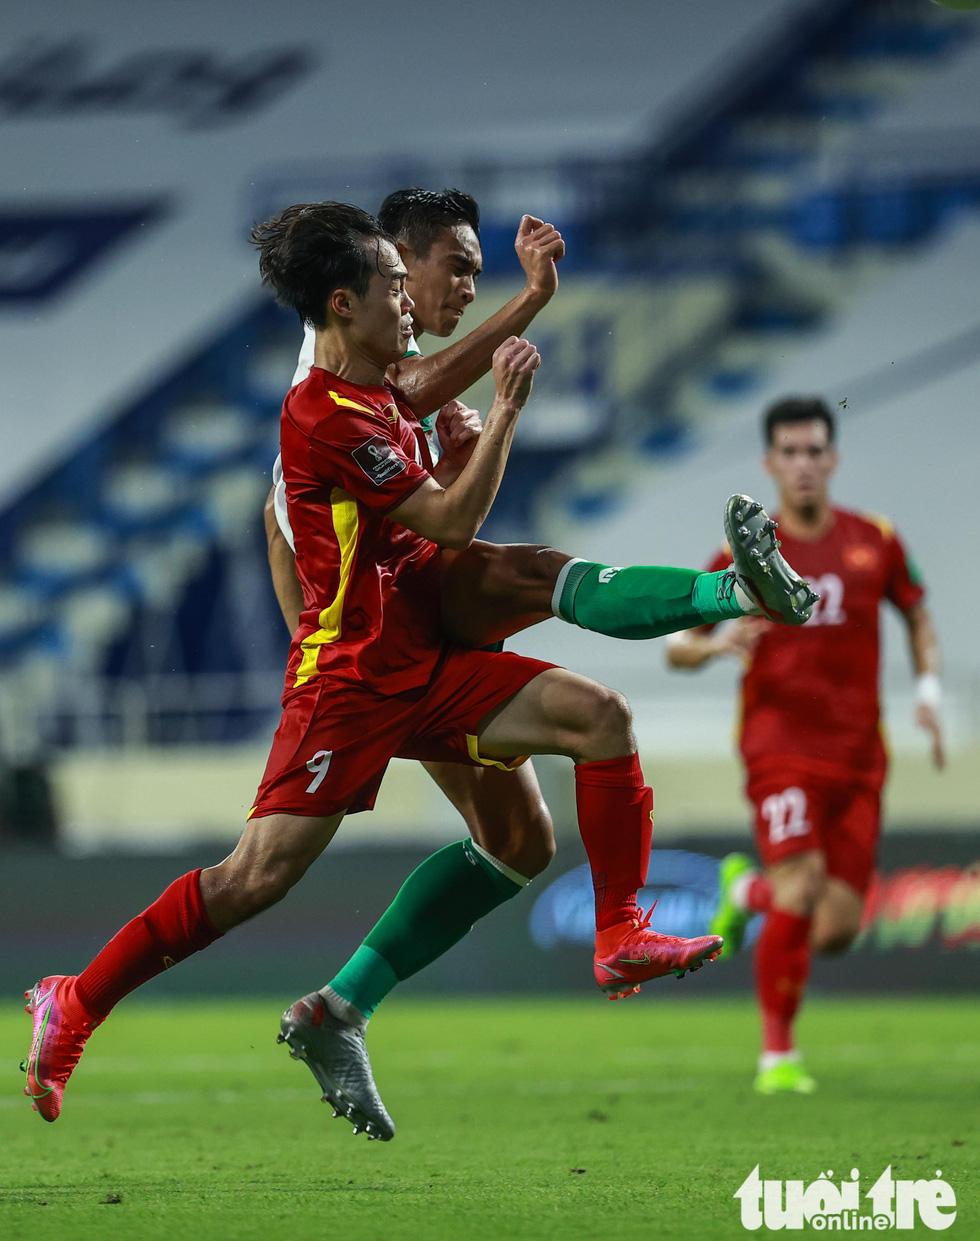 Những pha bóng triệt hạ xấu xí của tuyển Indonesia nhắm vào tuyển thủ Việt Nam - Ảnh 9.